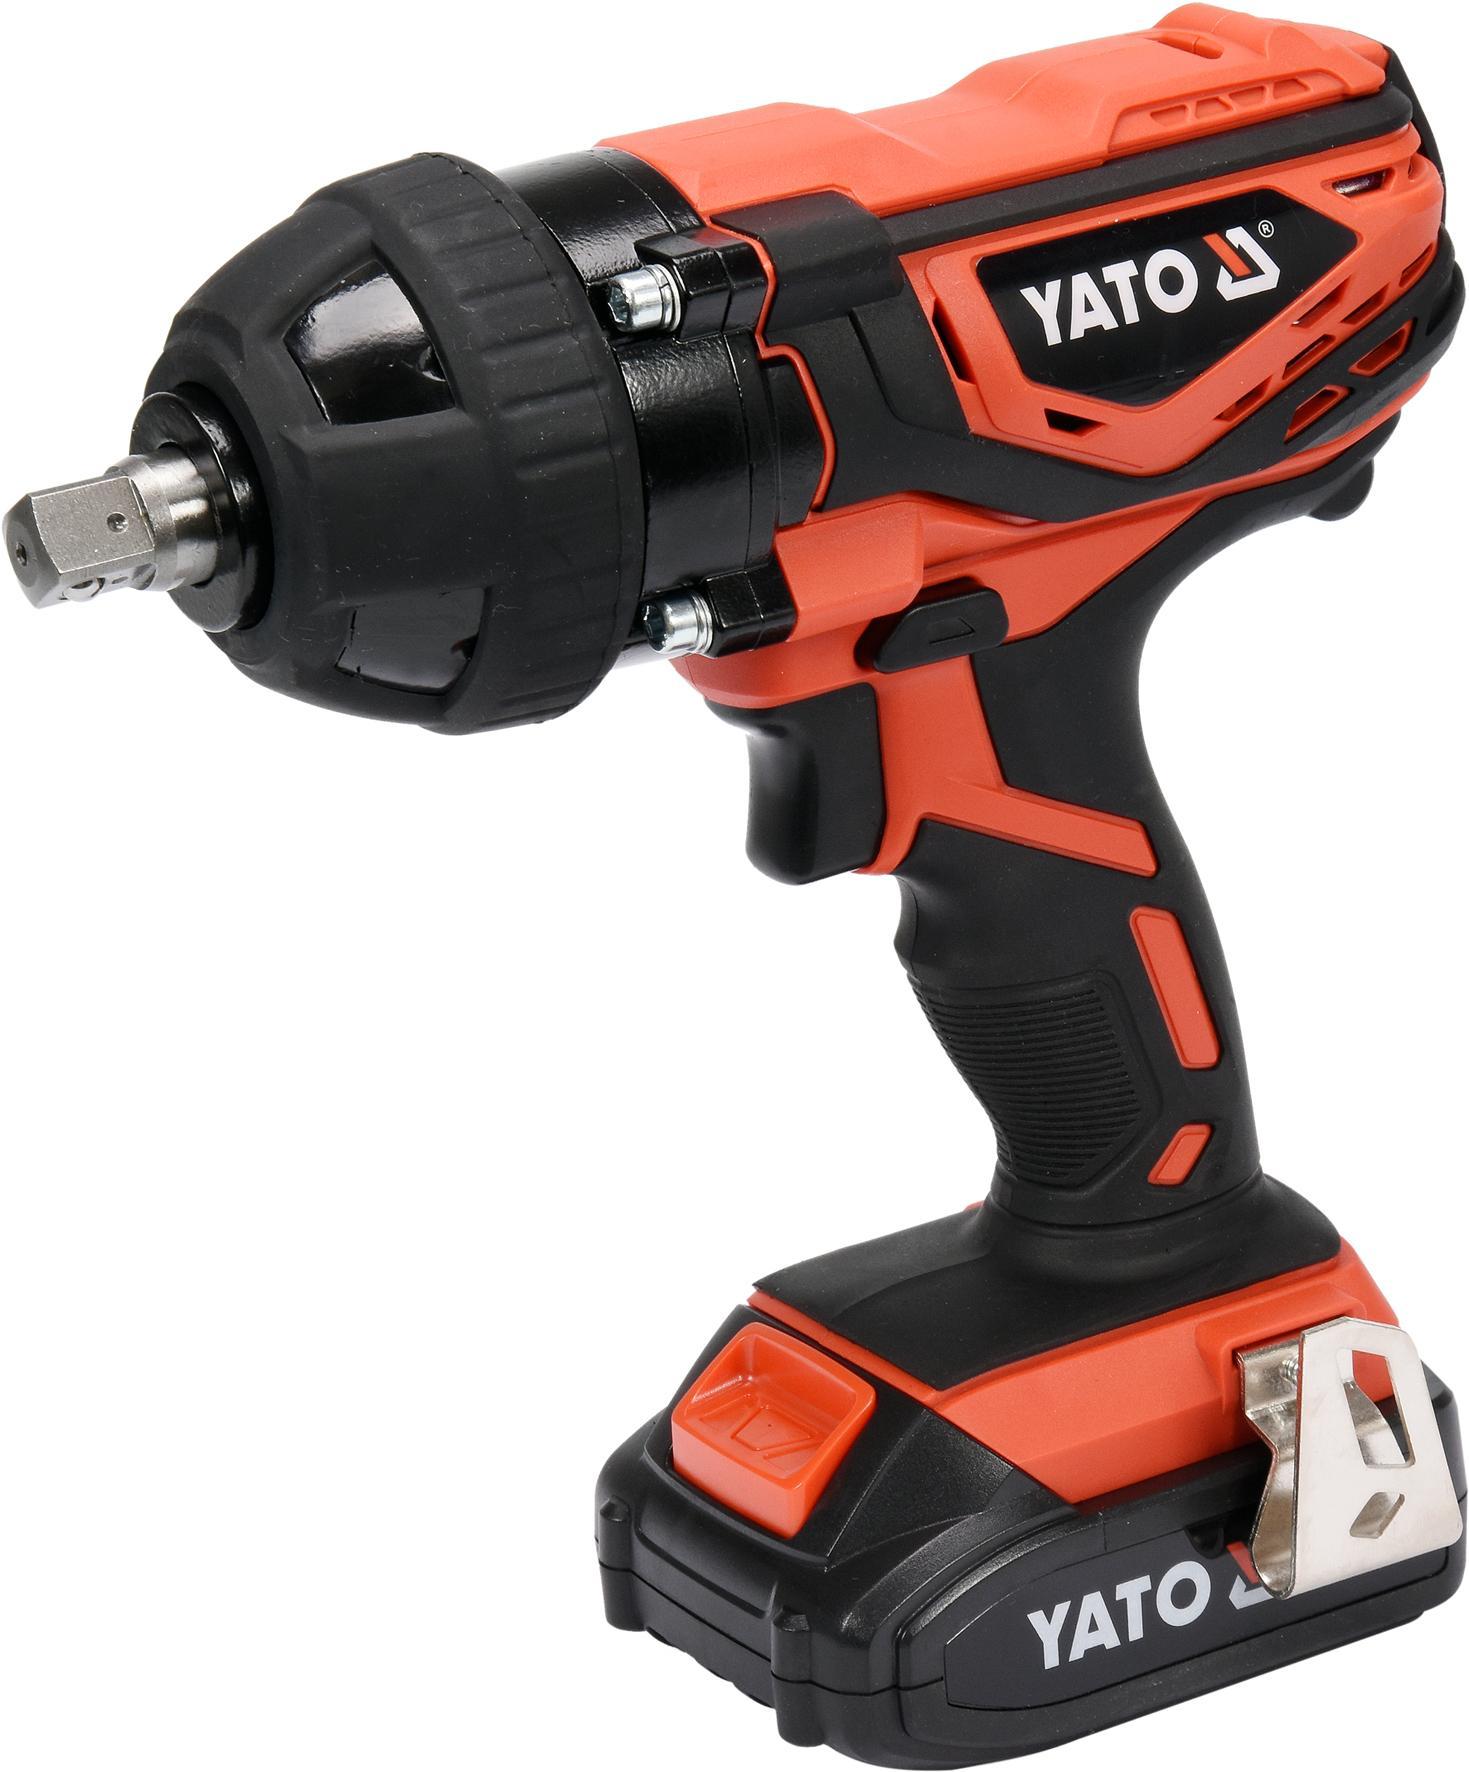 YT-82804 Luftnøgle YATO - Køb til discount priser